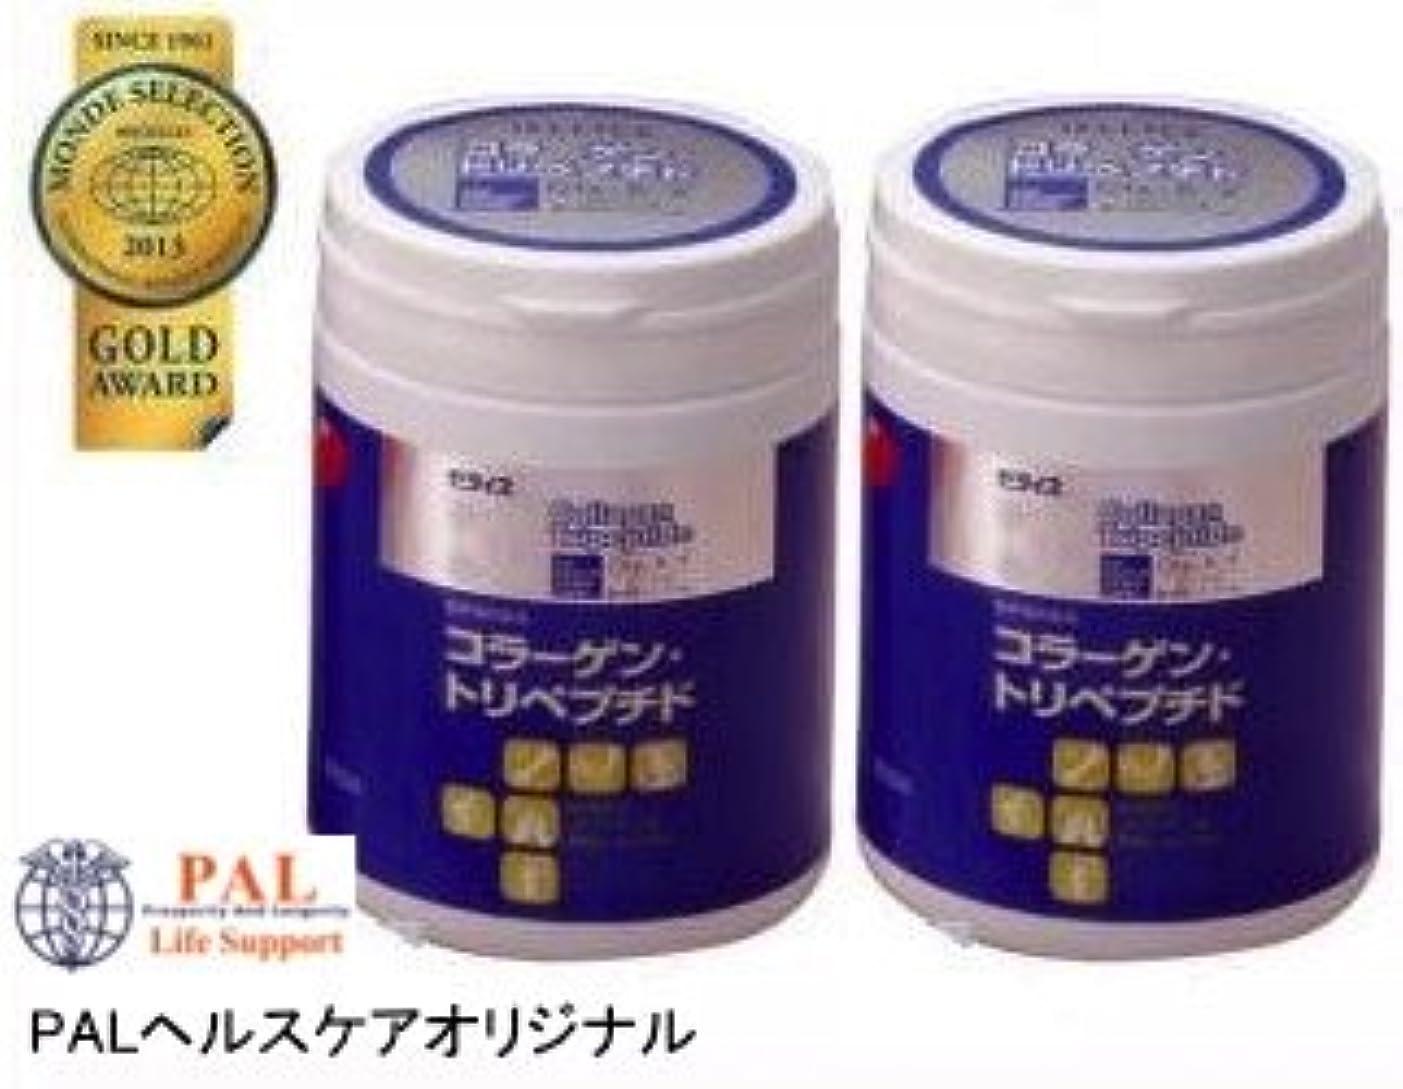 抽象胃拍手(お買い得品!!)HACPコラーゲン?トリペプチド 200g ボトル 2個セット